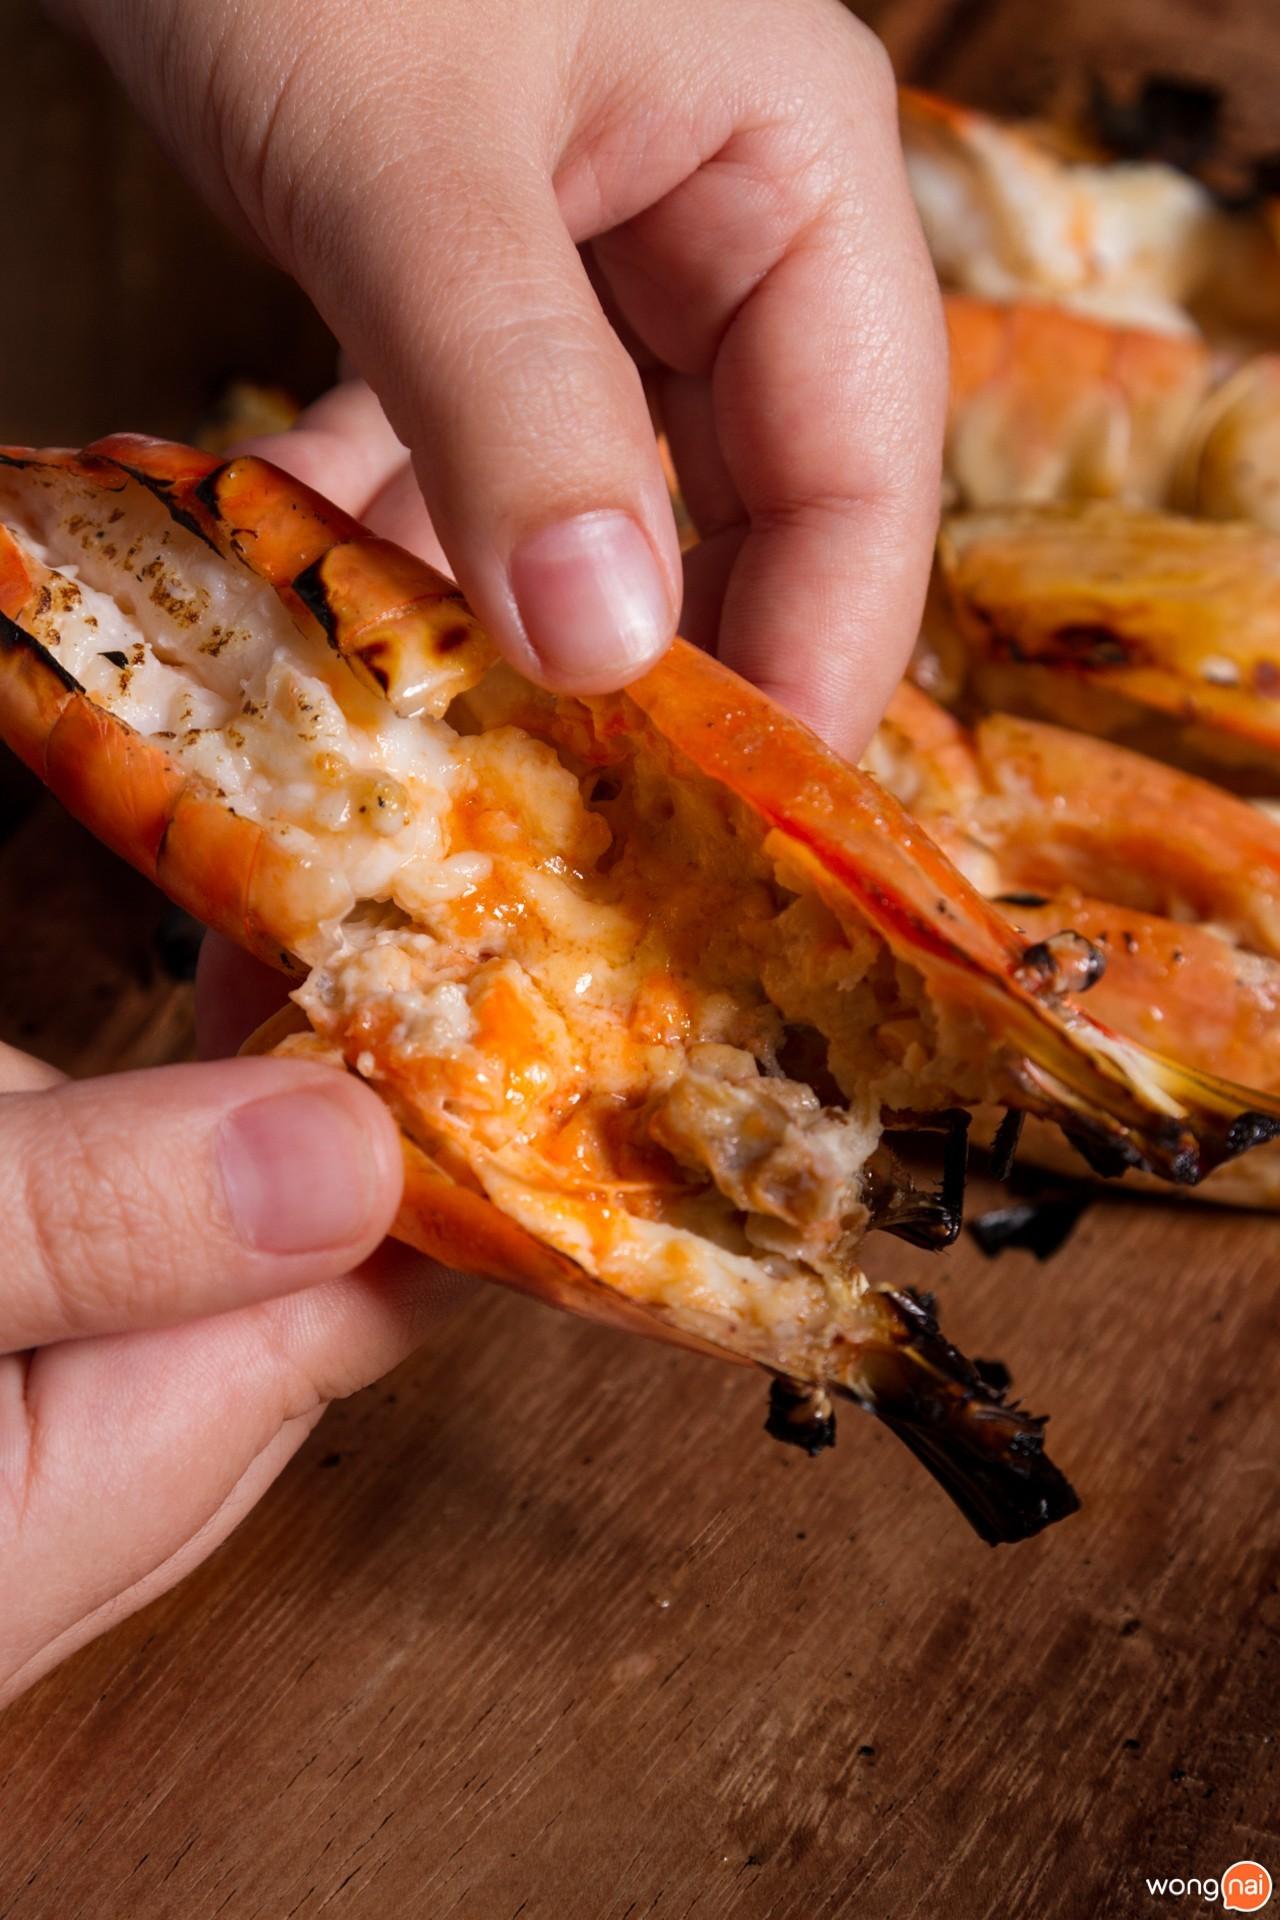 เมนู กุ้งเผา ร้าน Kita Yakitori & Grilled Seafood เชียงใหม่